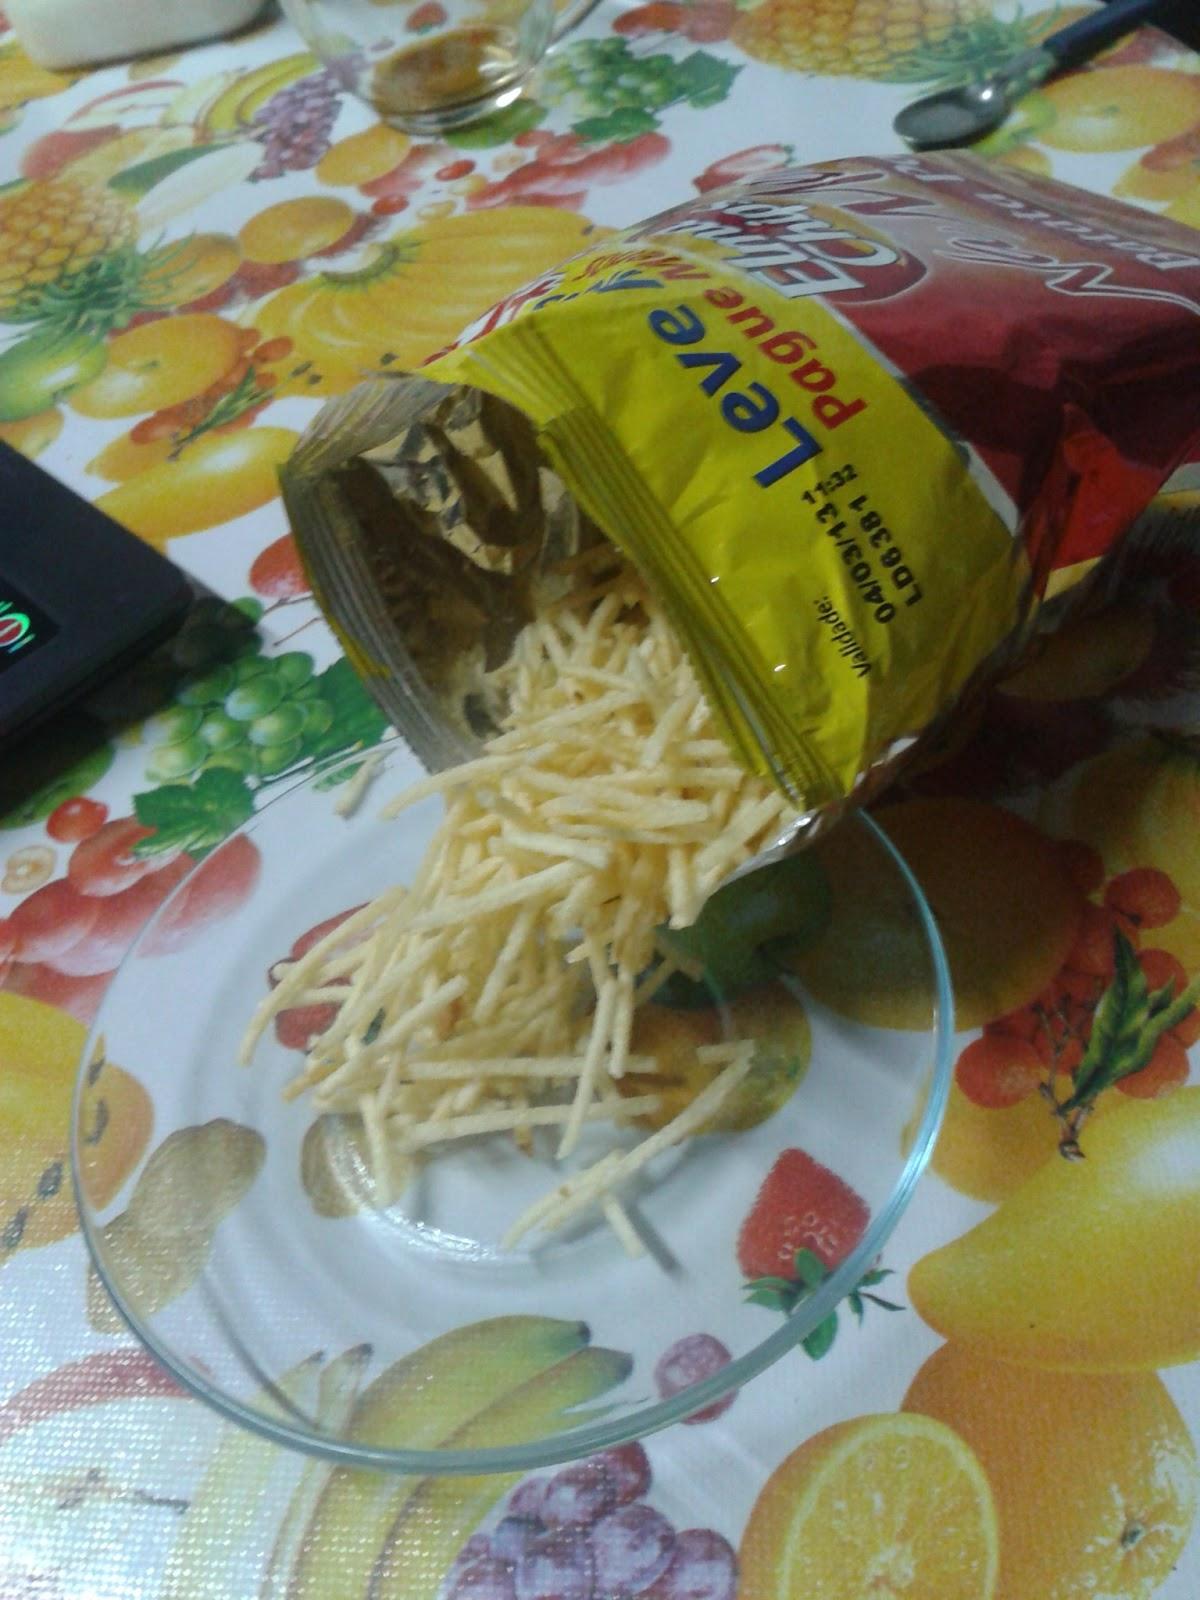 batata palha elma chips preço